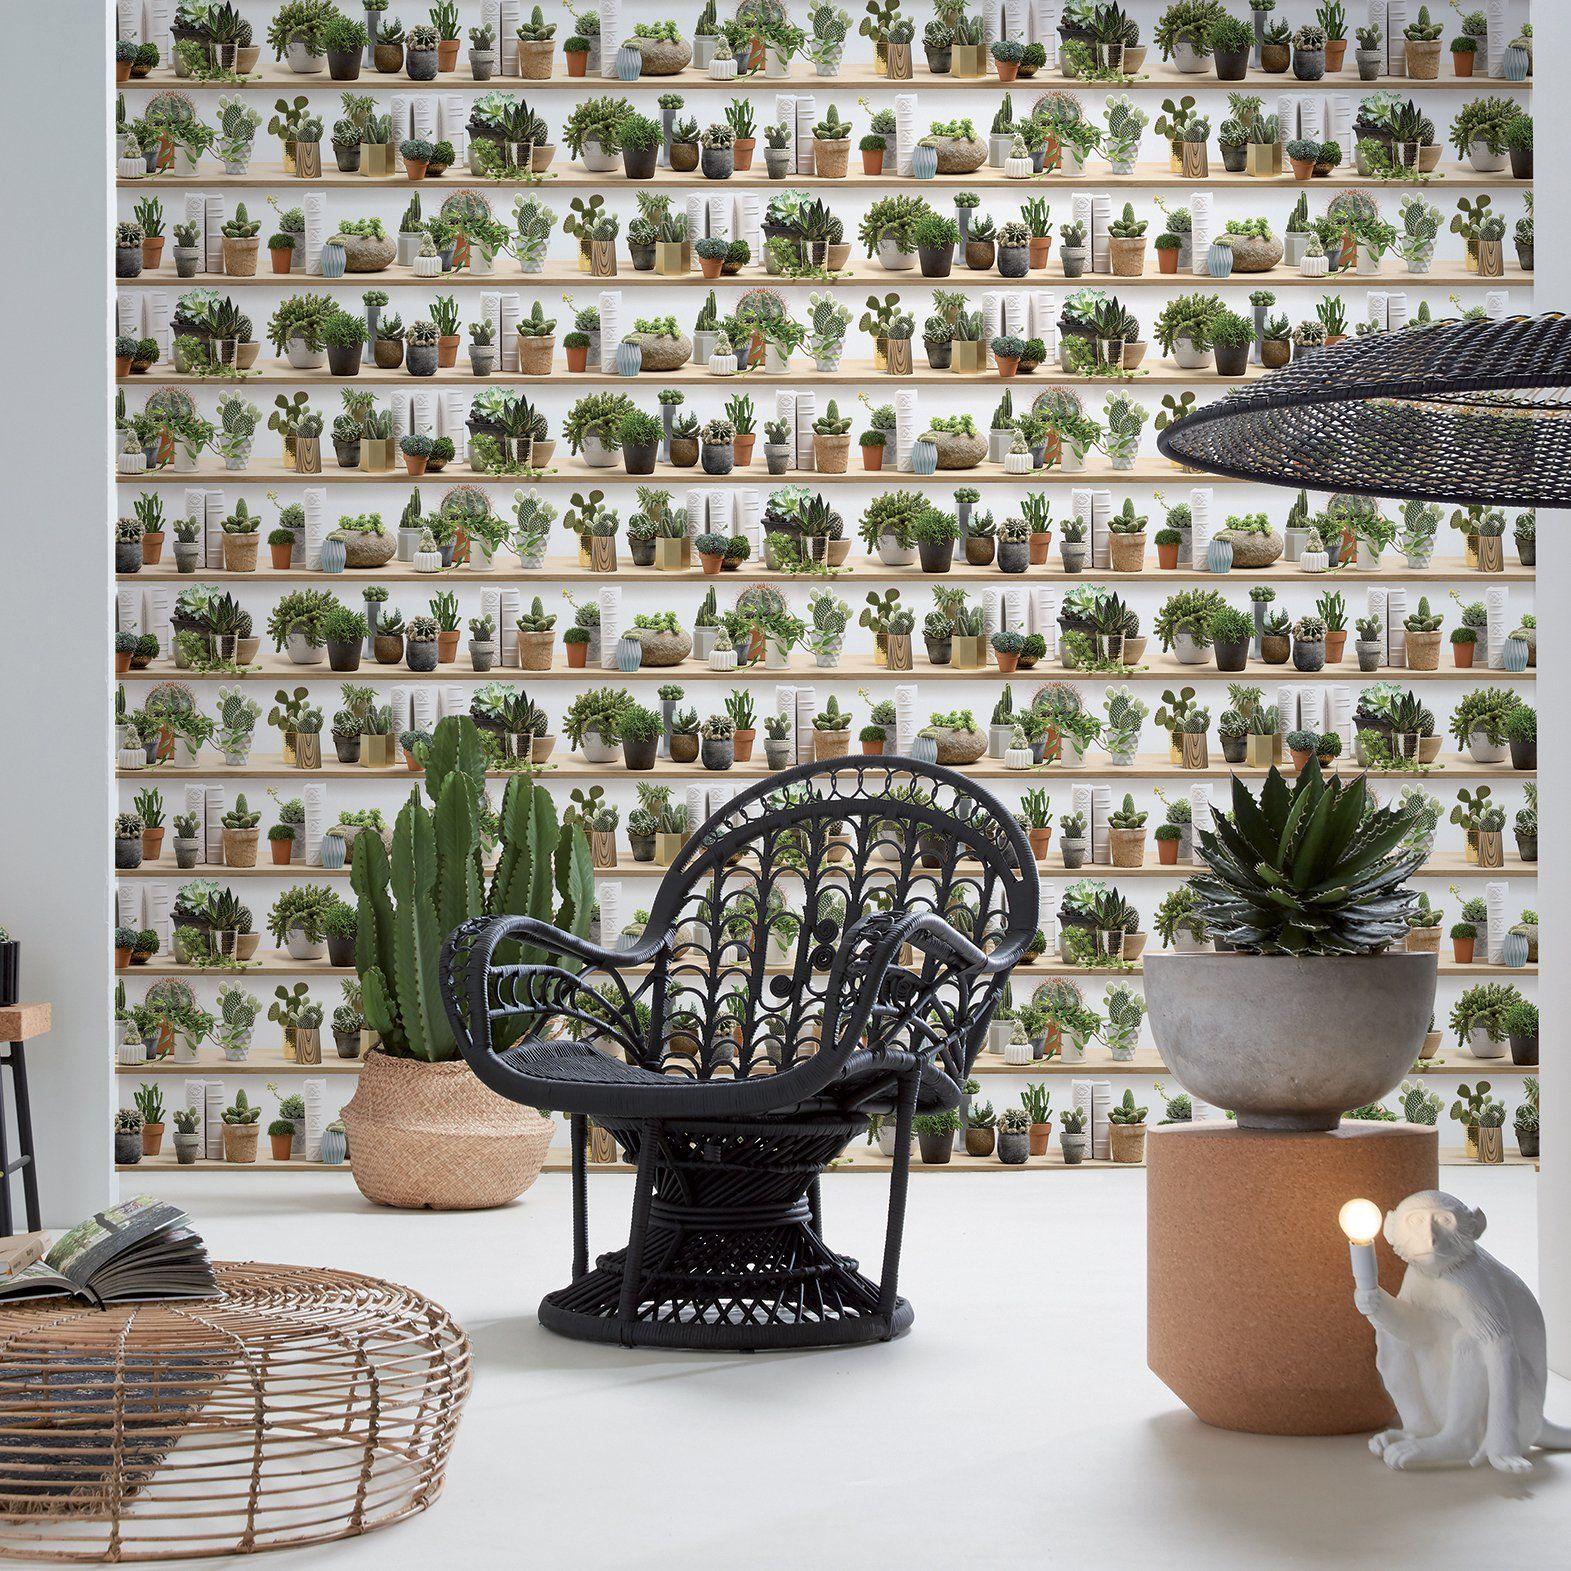 Du Papier Peint Imprime Cactus Sur Etagere En Bois Pour Une